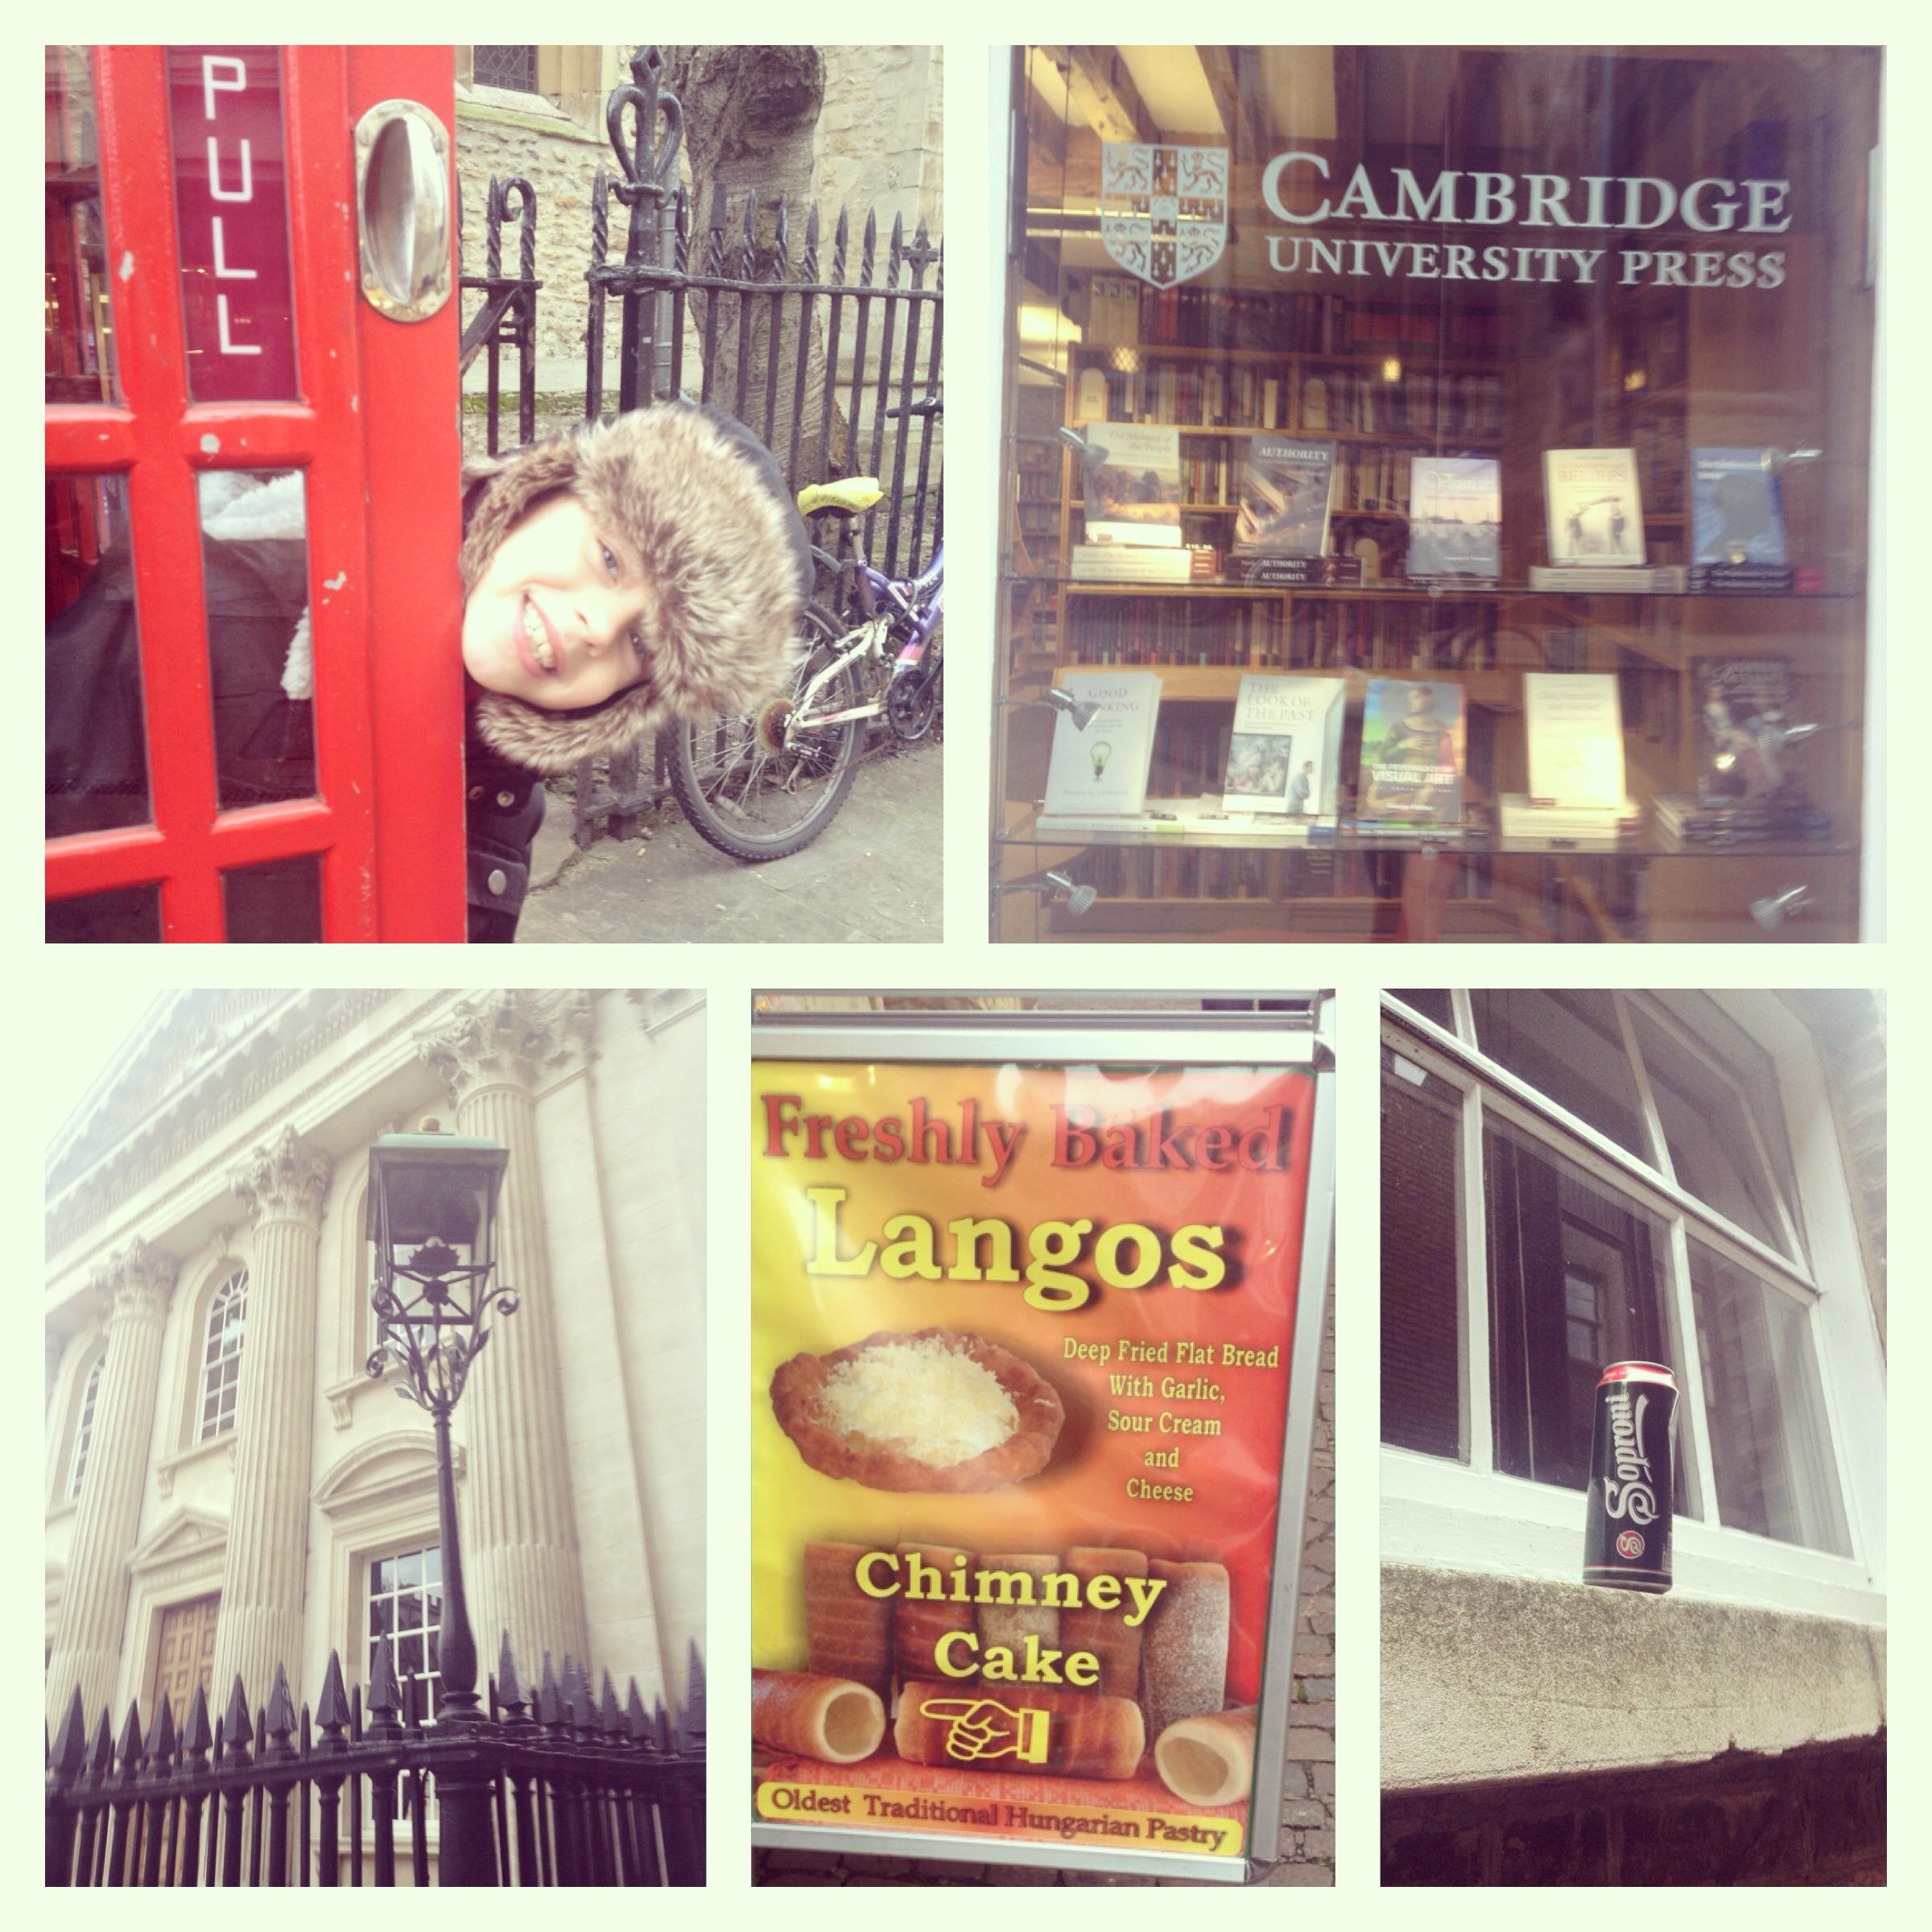 Egyél kürtőskalácsot és lángost Cambridge-ben